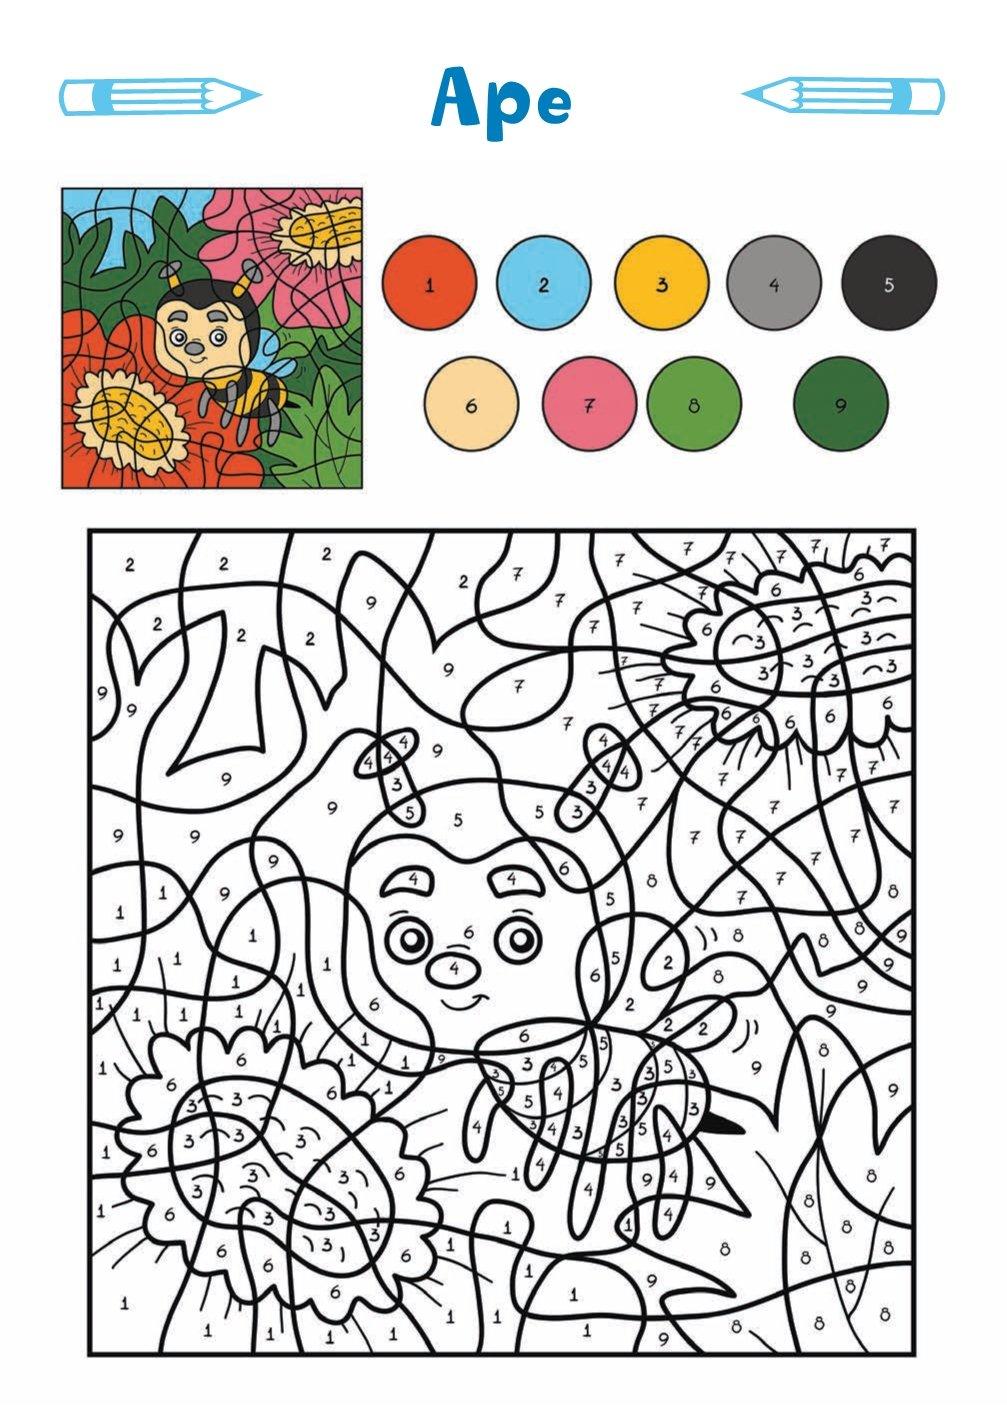 Disegni Da Colorare E Stampare Con I Numeri.Colora Con I Numeri 48 Disegni 9788894902181 Amazon Com Books